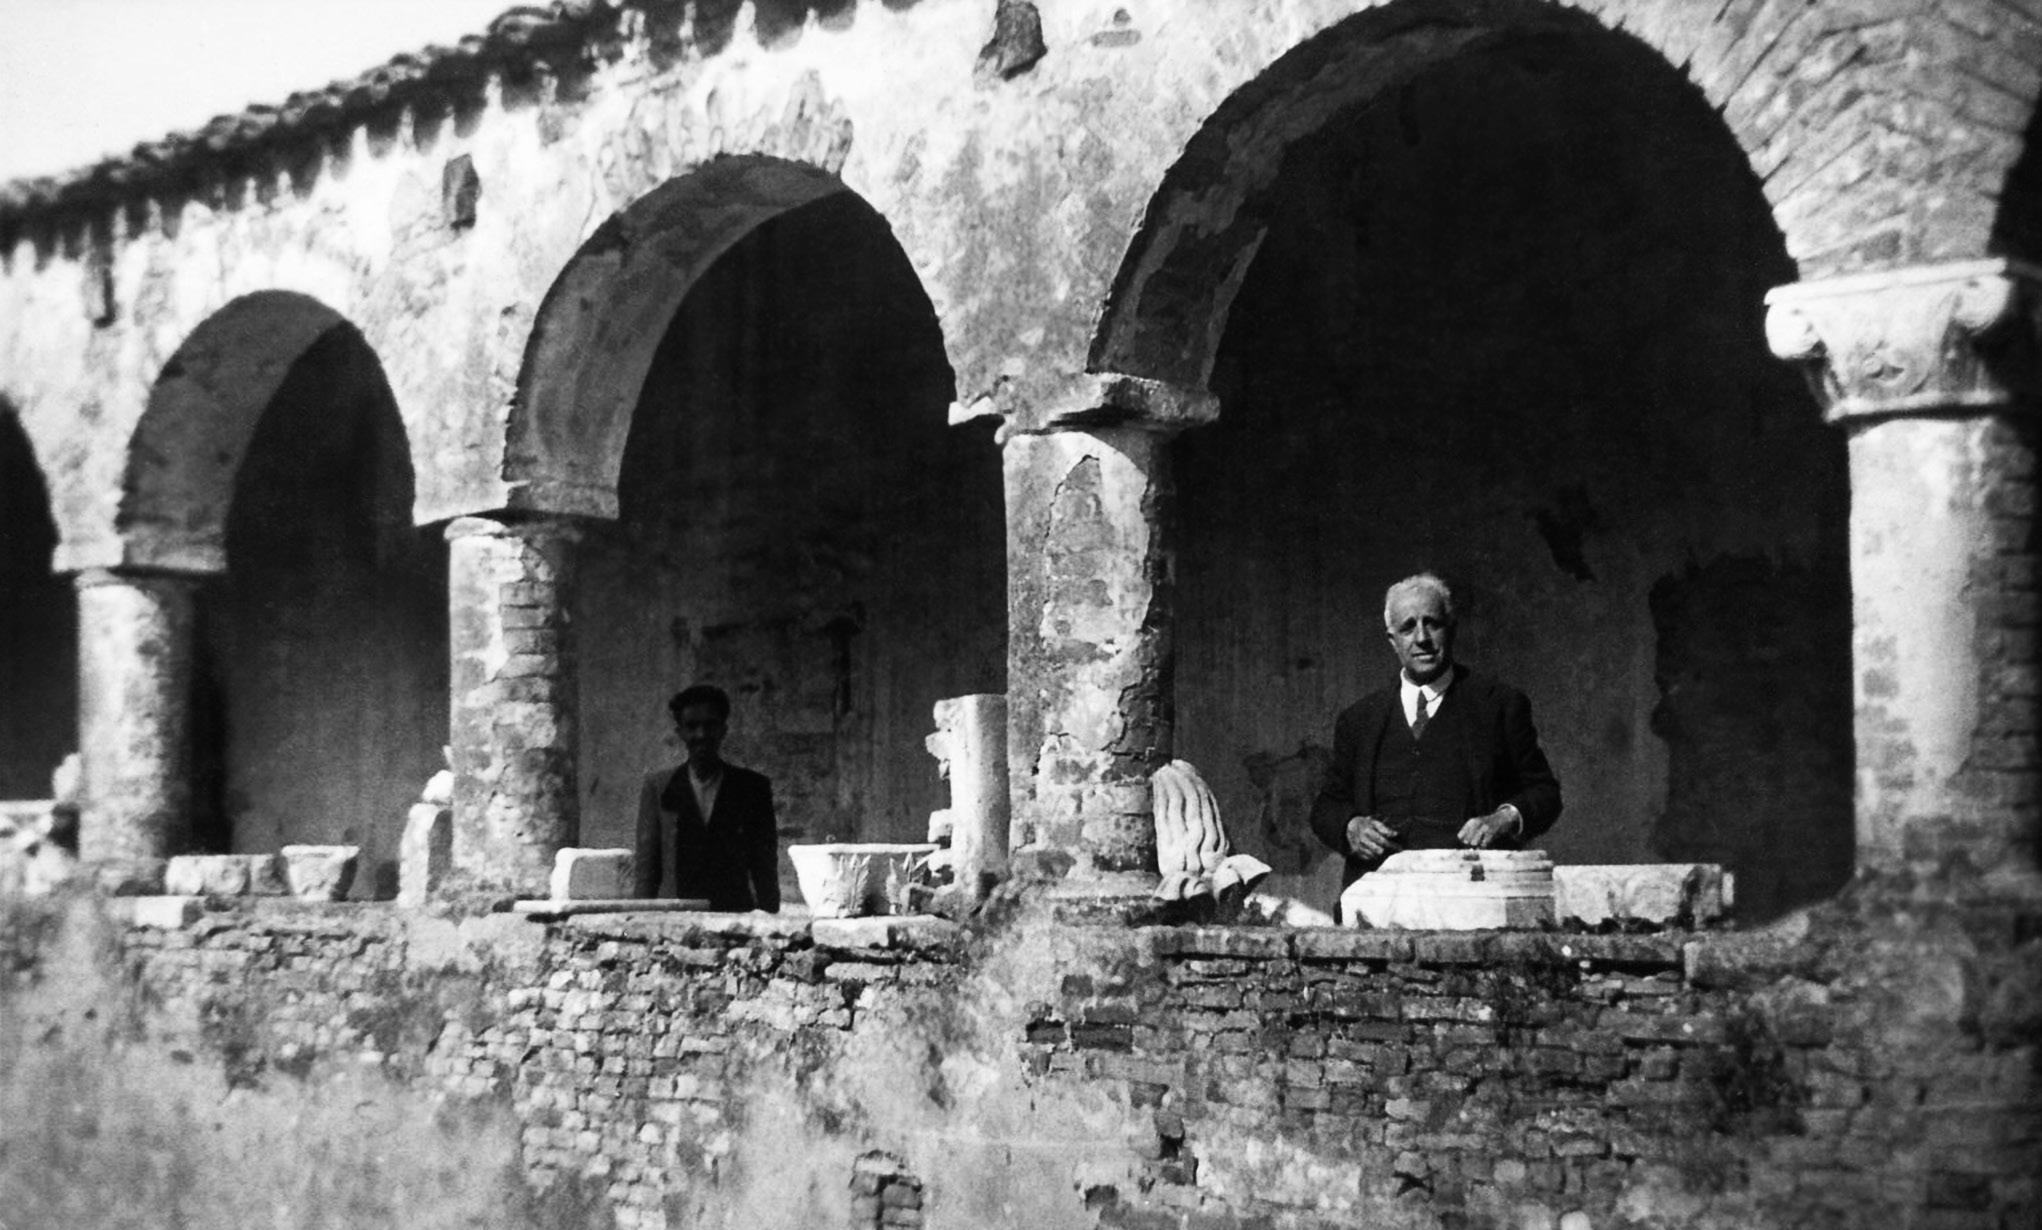 Mame arte OMAGGIO A ETTORE MODIGLIANI, GRANDE DIRETTORE DI BRERA Ettore Modigliani